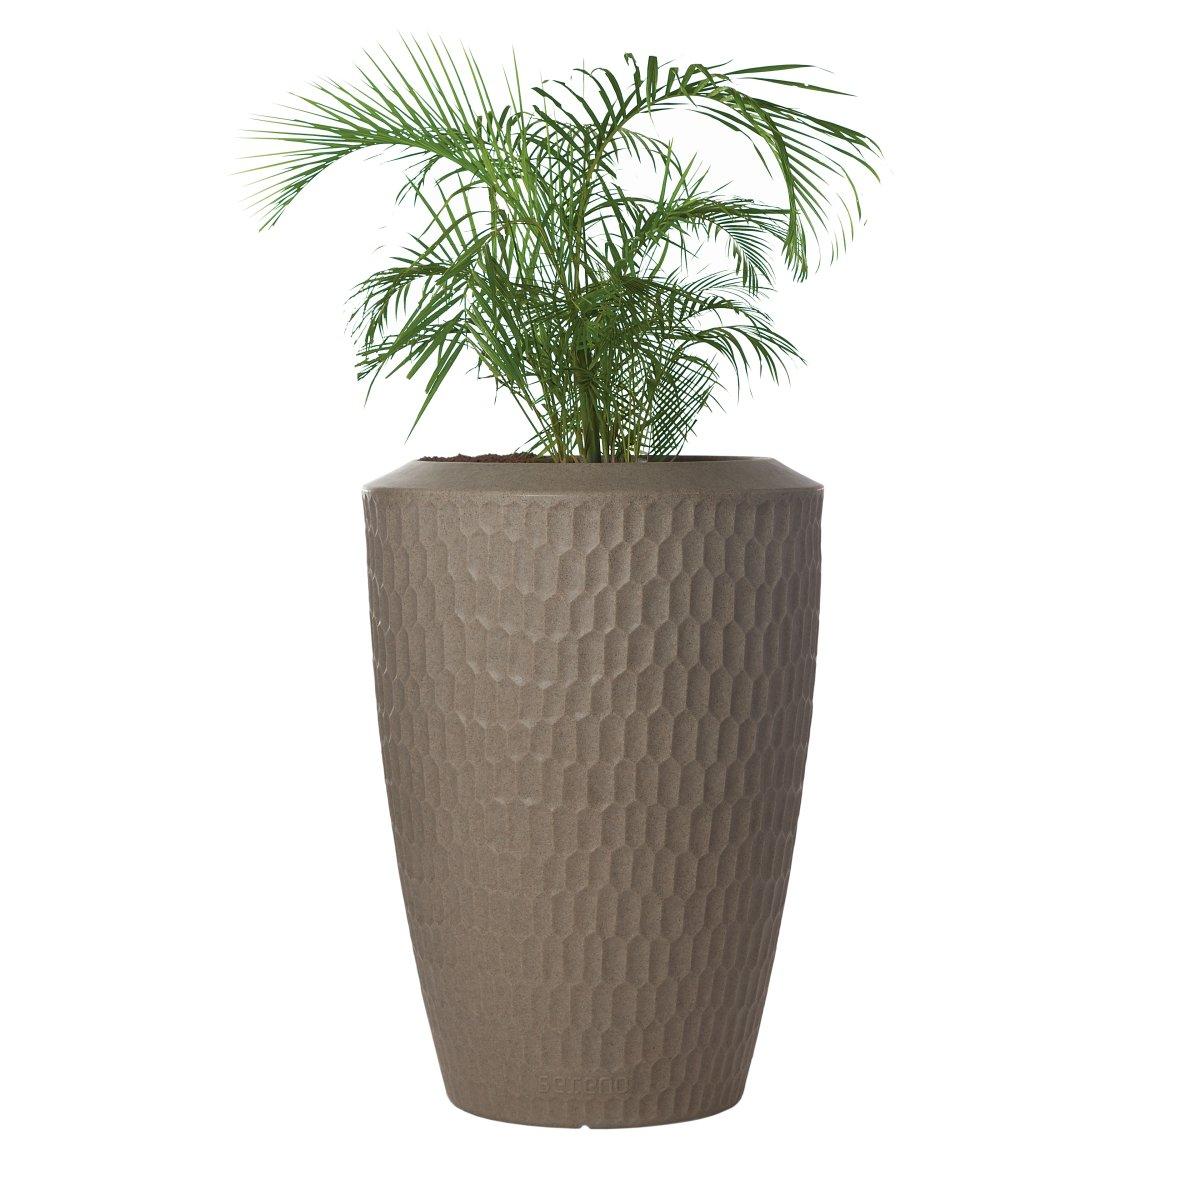 SERENO Pflanzgefäß beleuchtet in Granit Braun und bepflanzt